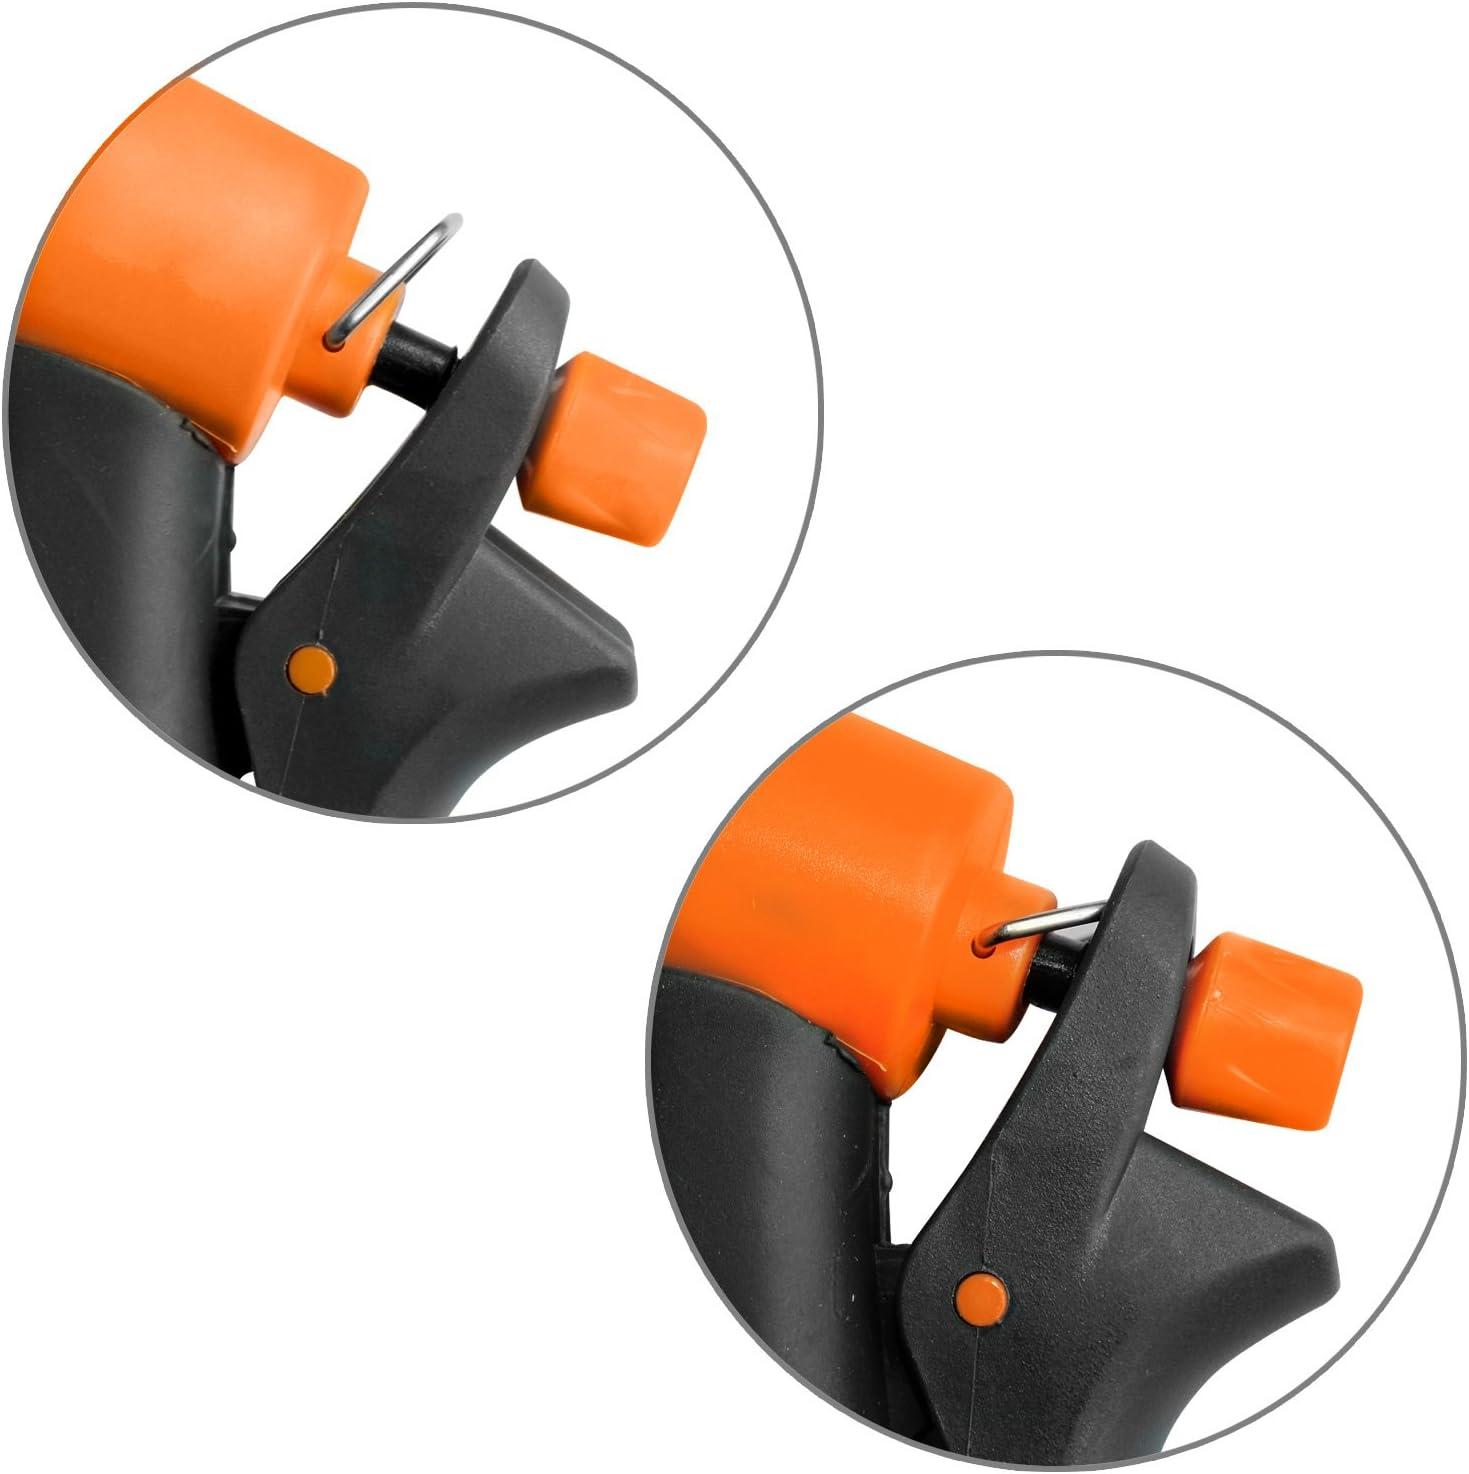 Eaxus/®️ Garten Multifunktions-Brause mit 8 Funktionen Orange. Spr/üh-Pistole//Gartenbrause f/ür Ihren Gartenschlauch mit gummiertem Griff und Spr/ühautomatik